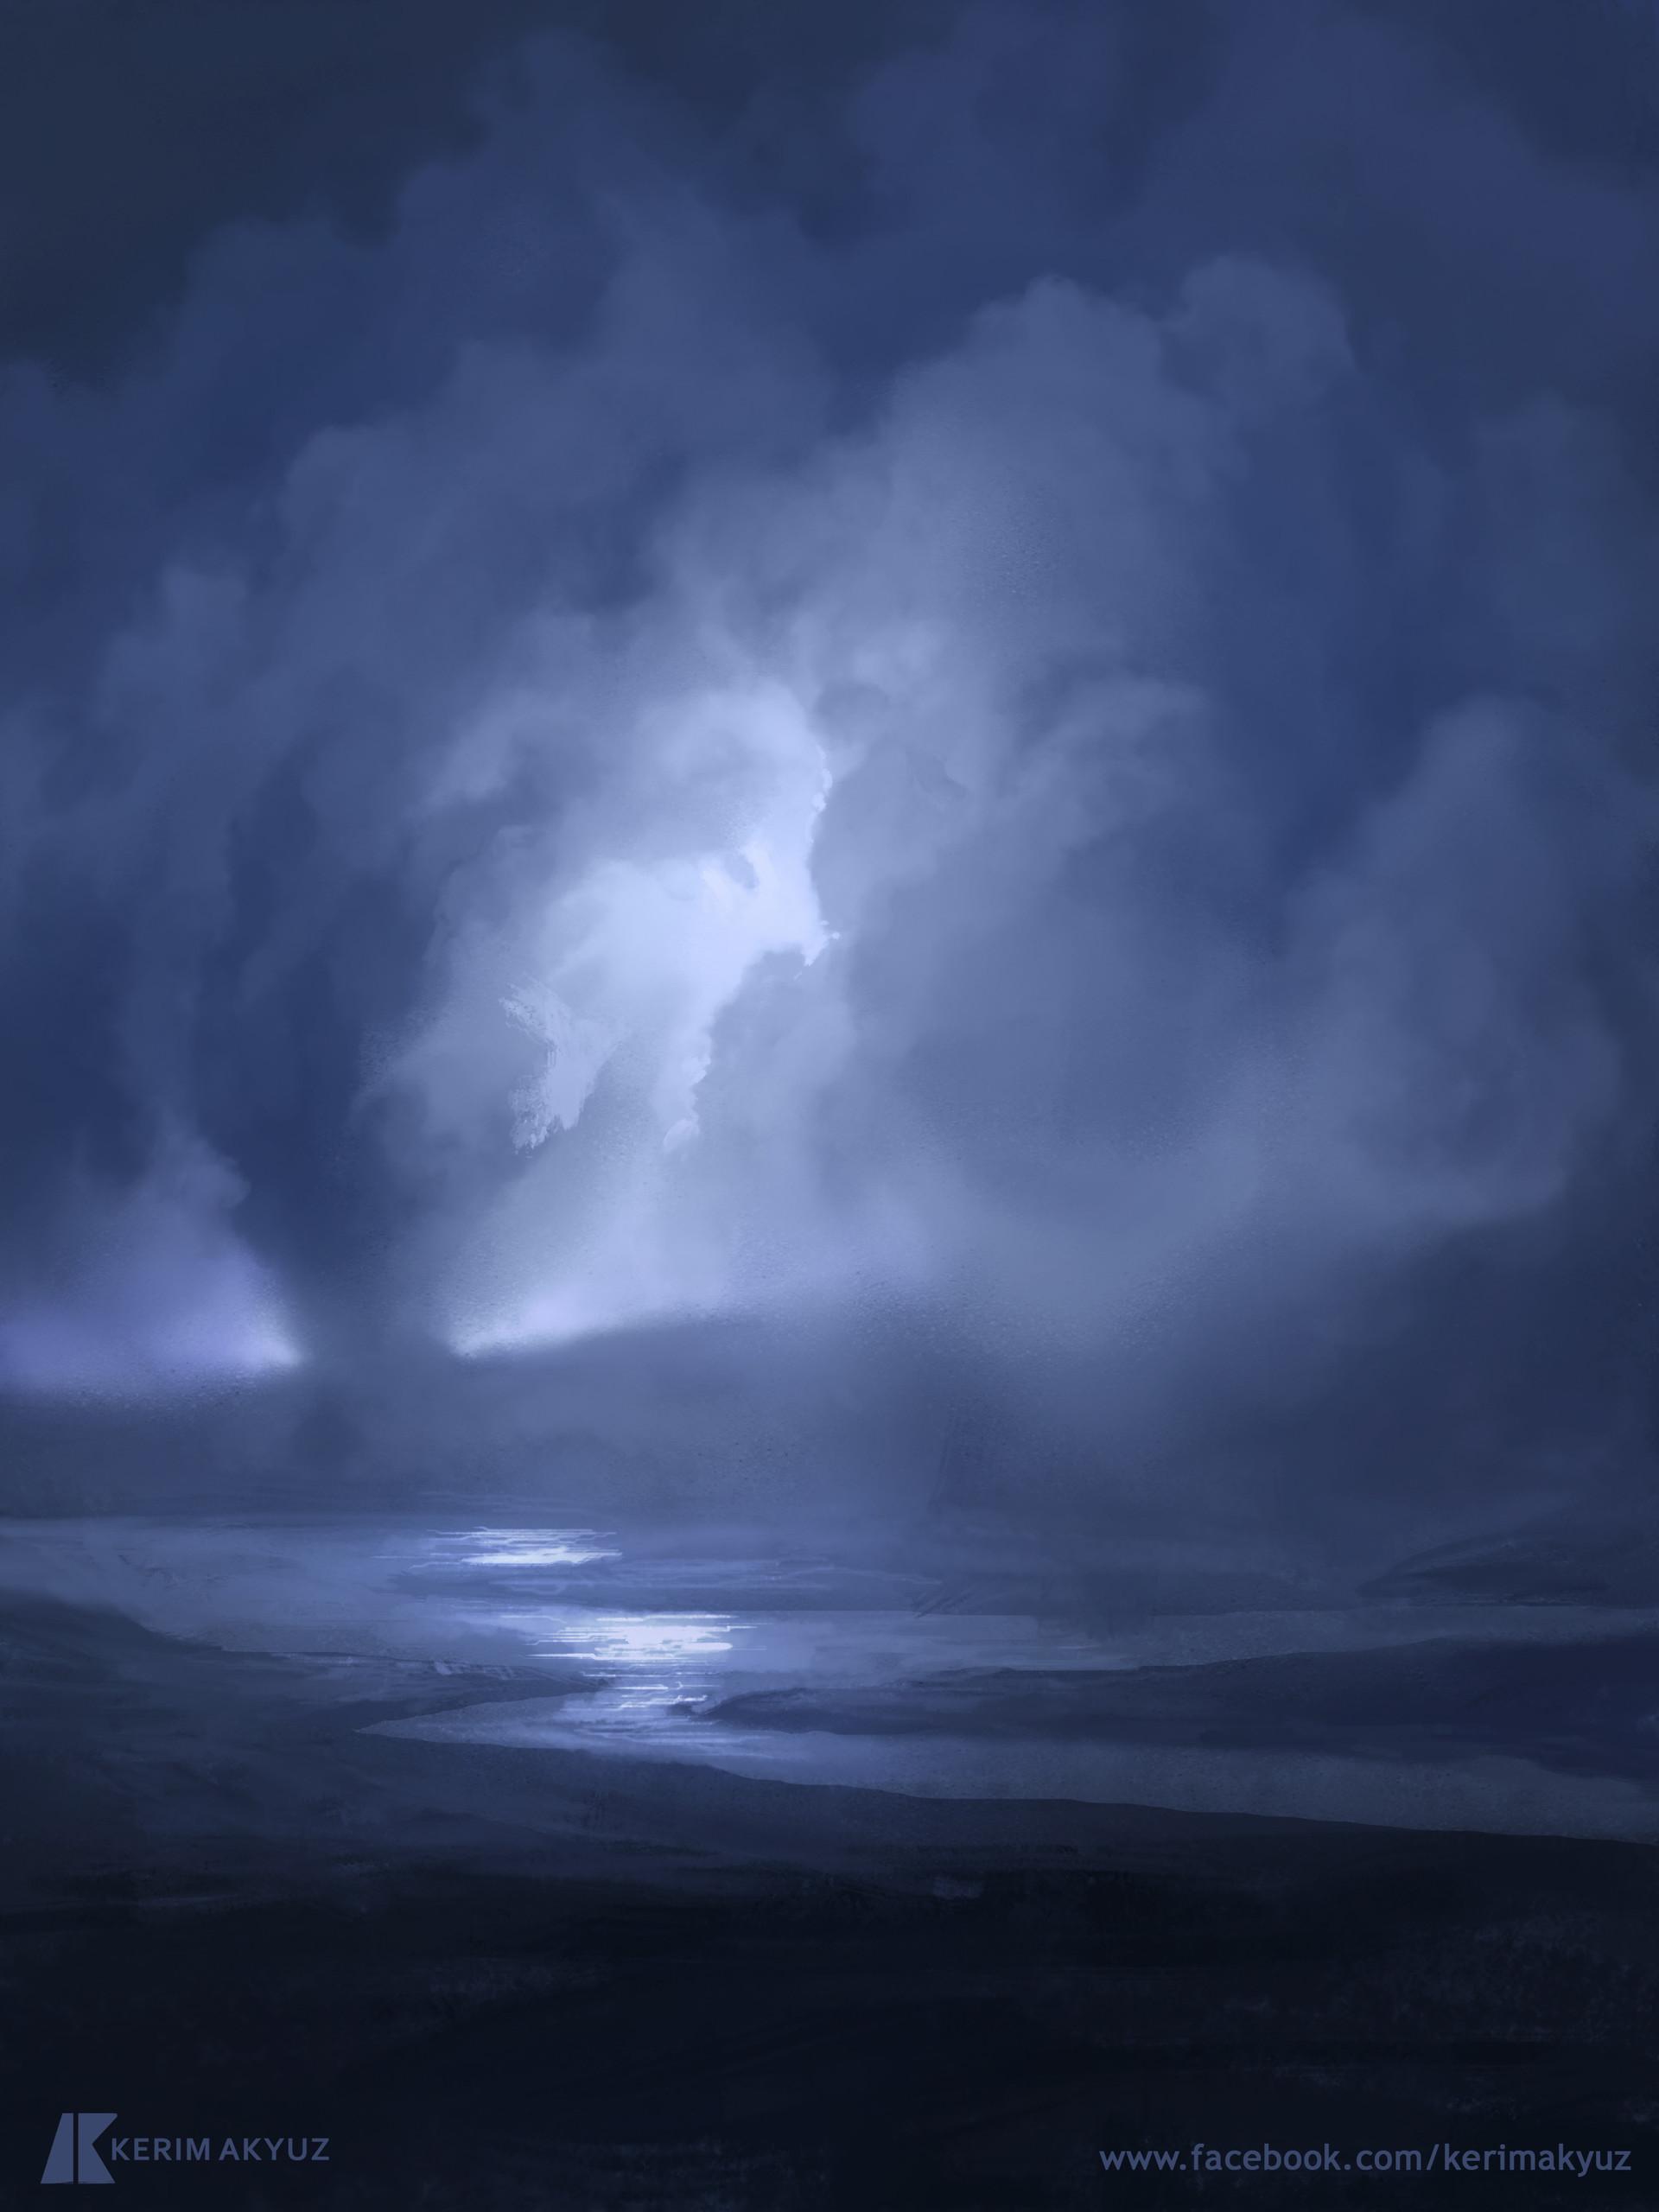 Kerim akyuz 300 storm